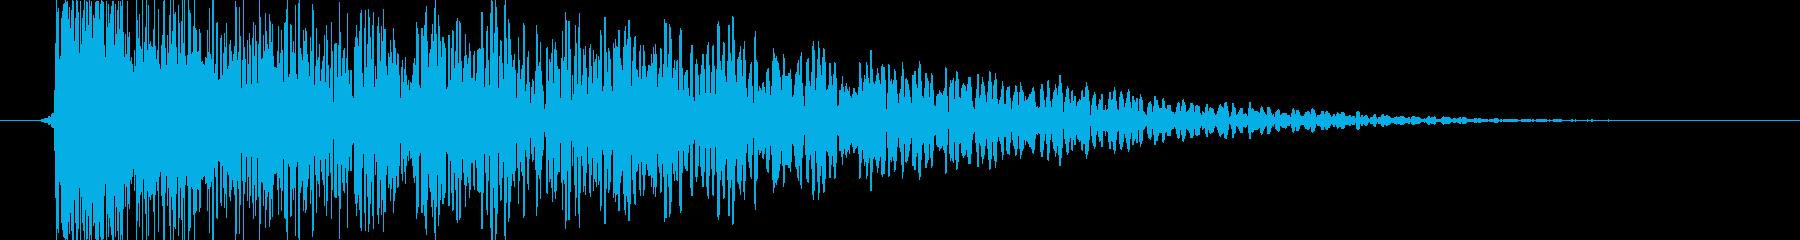 衝撃 ヒットメタル06の再生済みの波形